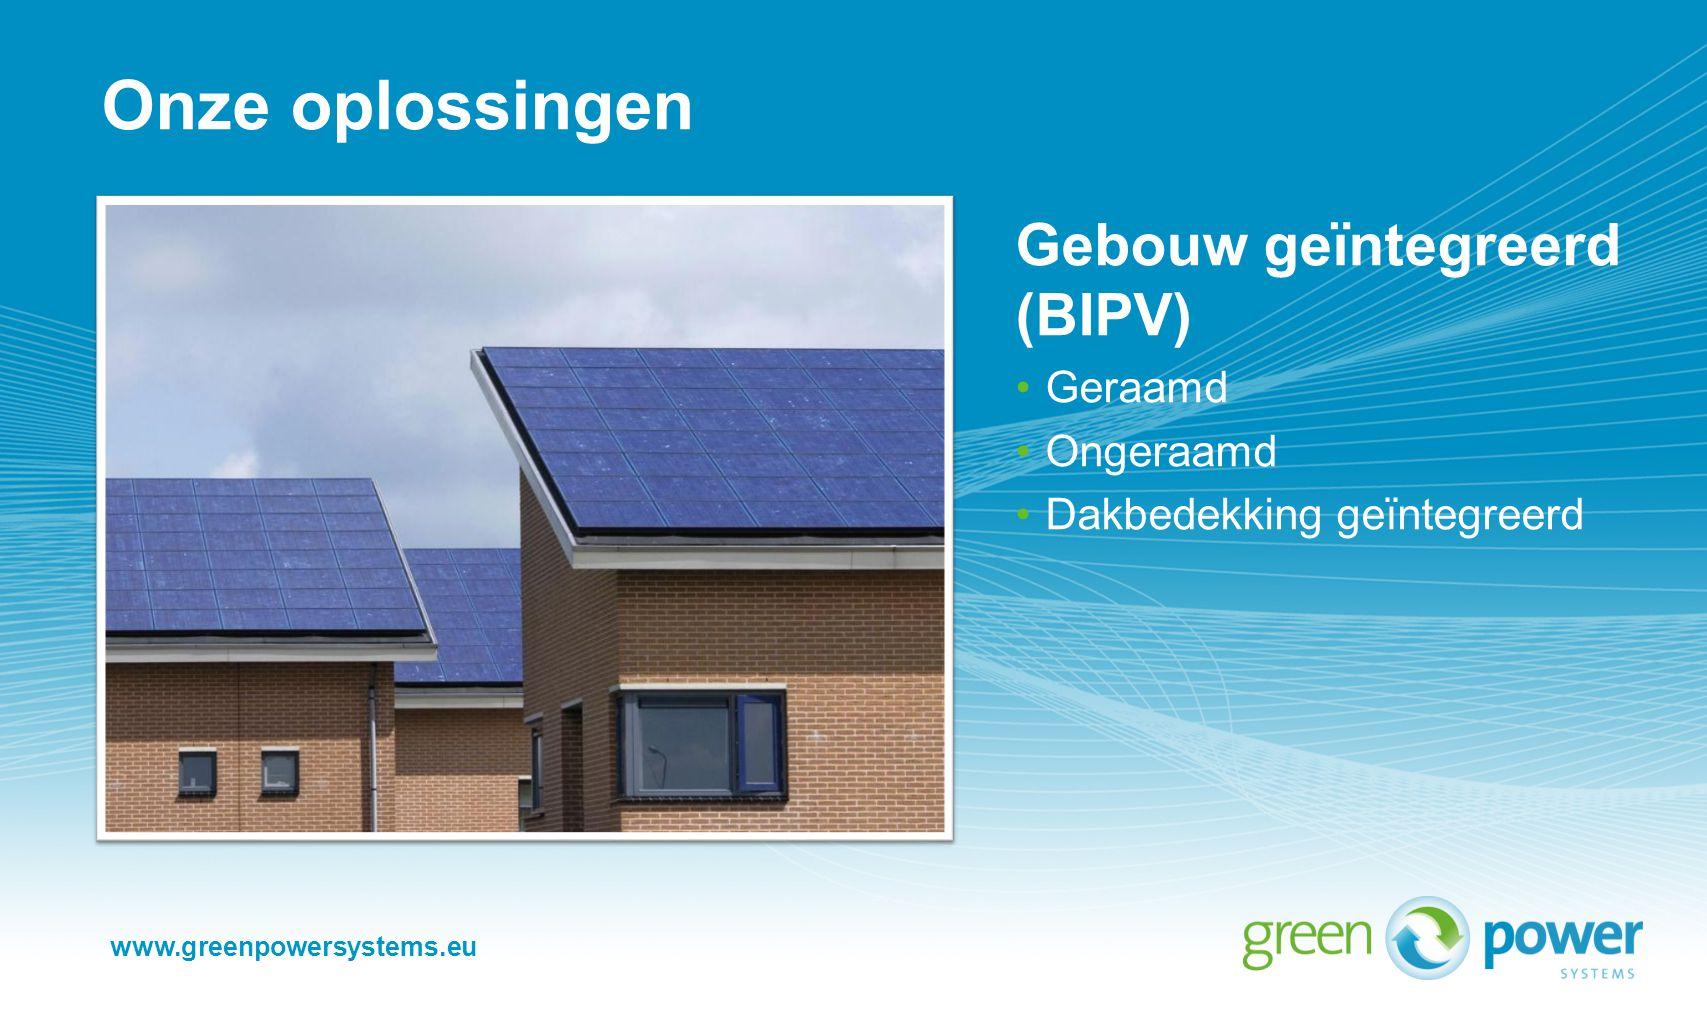 www.greenpowersystems.eu Onze oplossingen Specifieke toepassingen Suntrackers Park & ride loadstation Zonwerende luifels